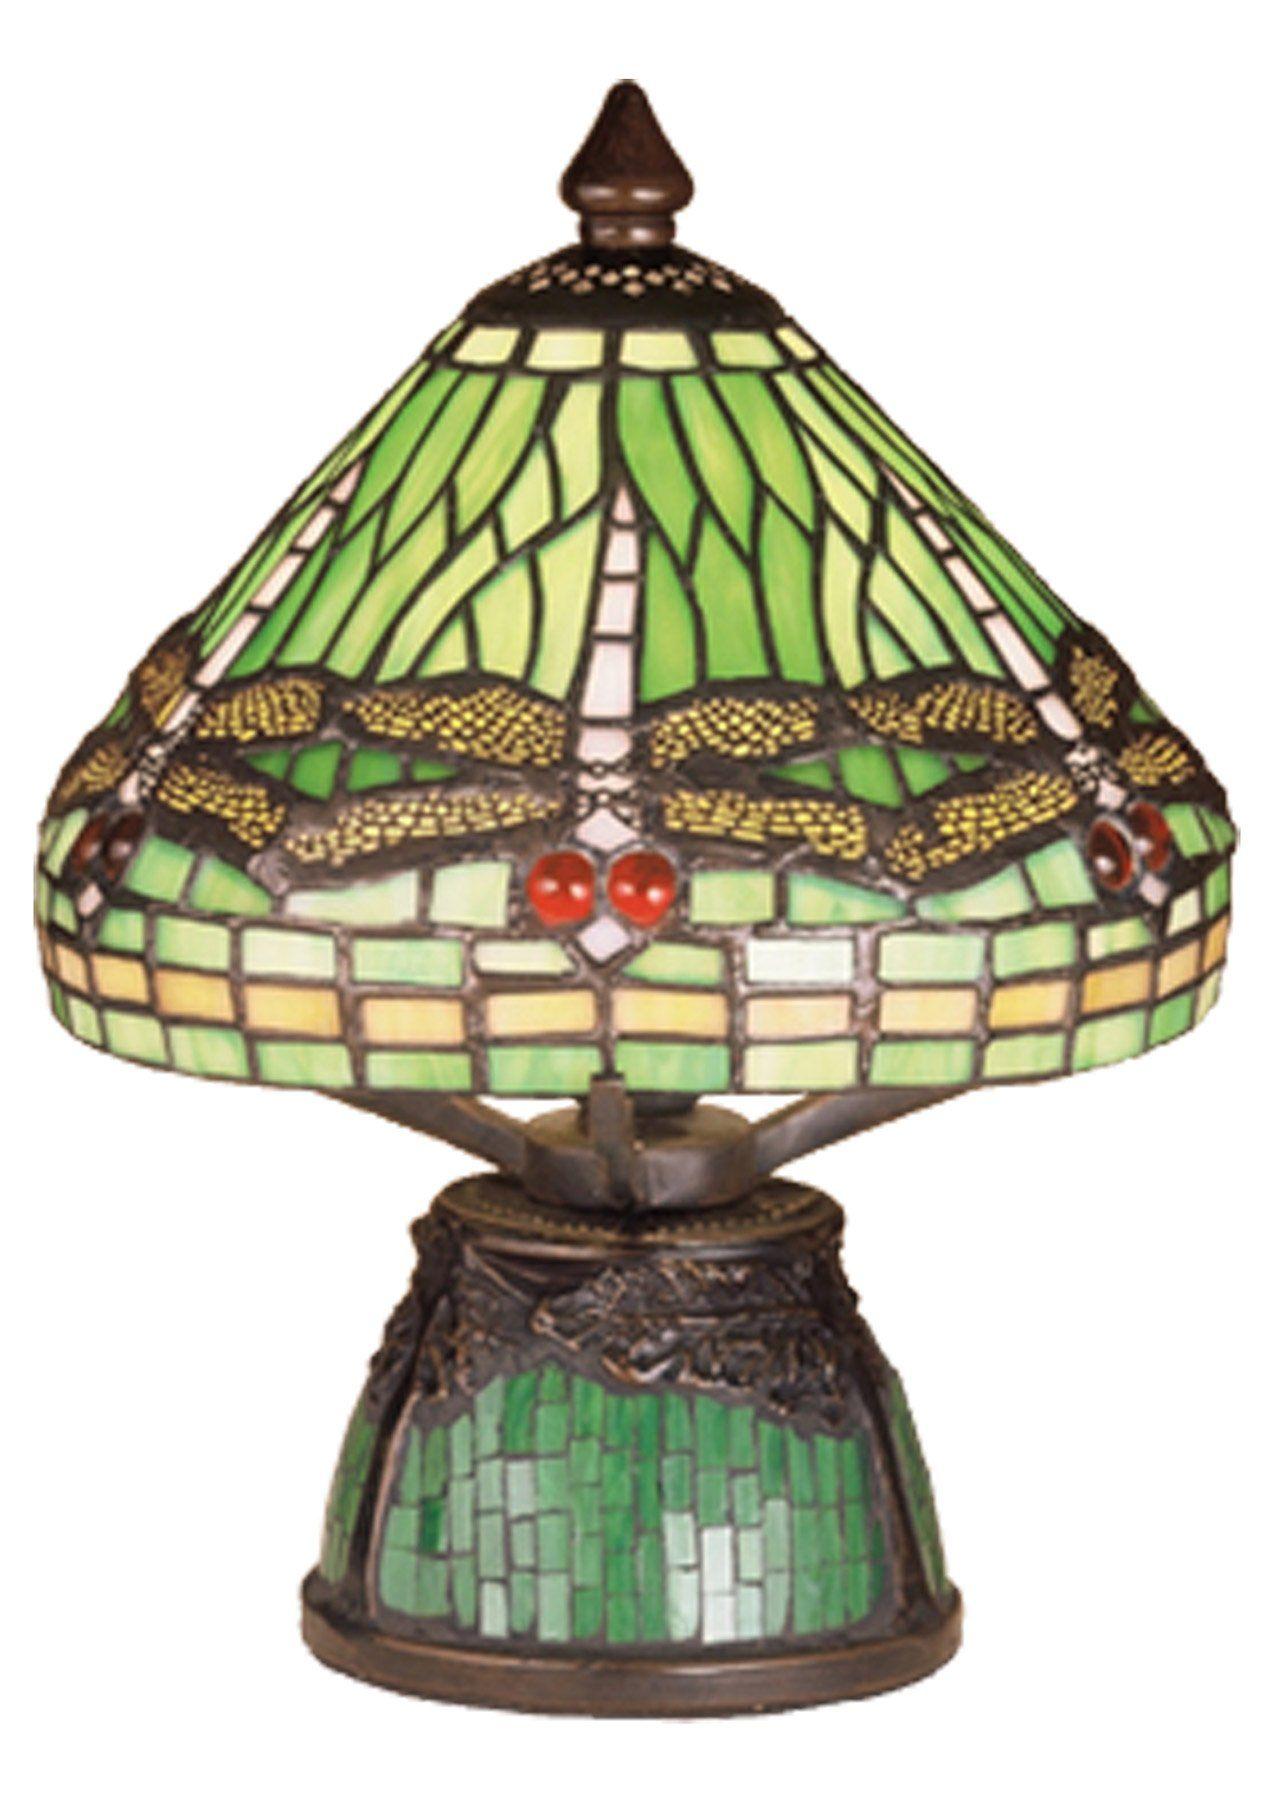 Meyda Lighting 47609 10 5 H Tiffany Dragonfly W Tiffany Mosaic